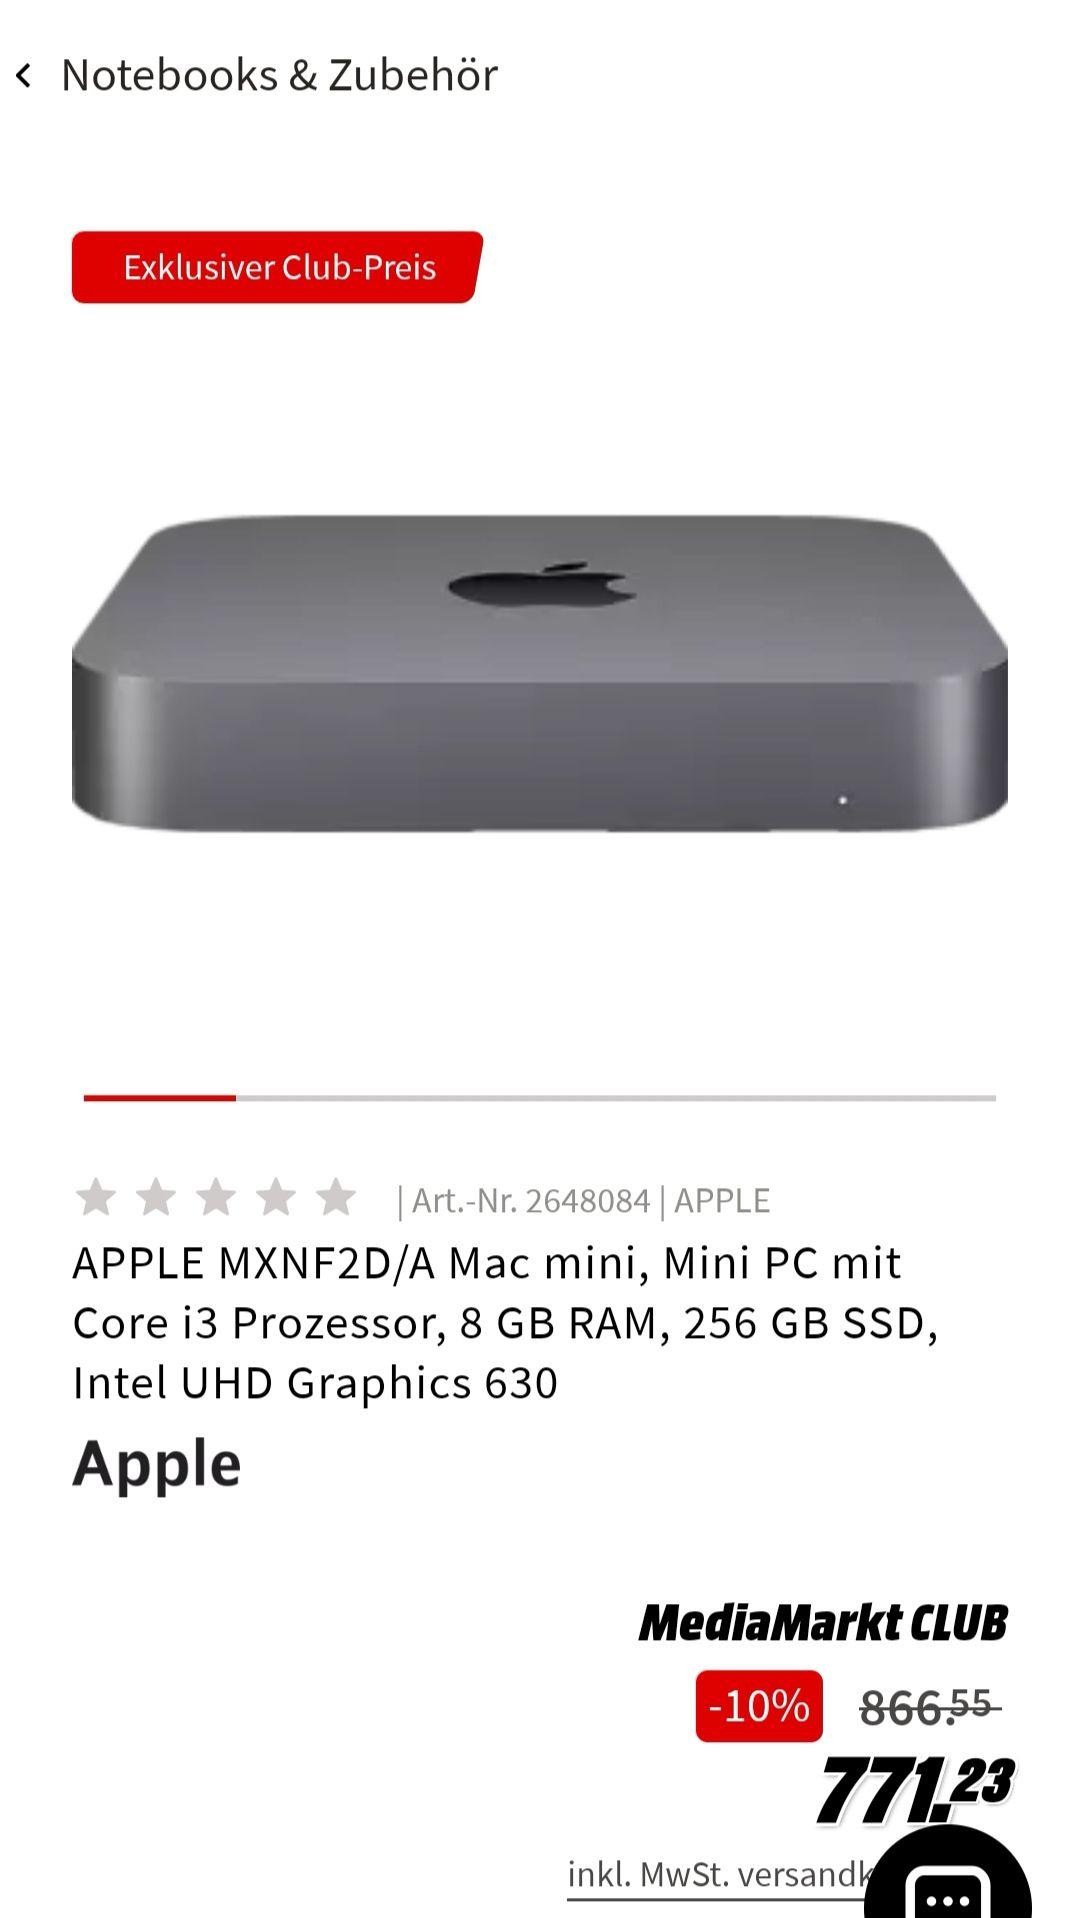 Apple Mac Mini i3, 8 GB RAM, 256 GB SSD